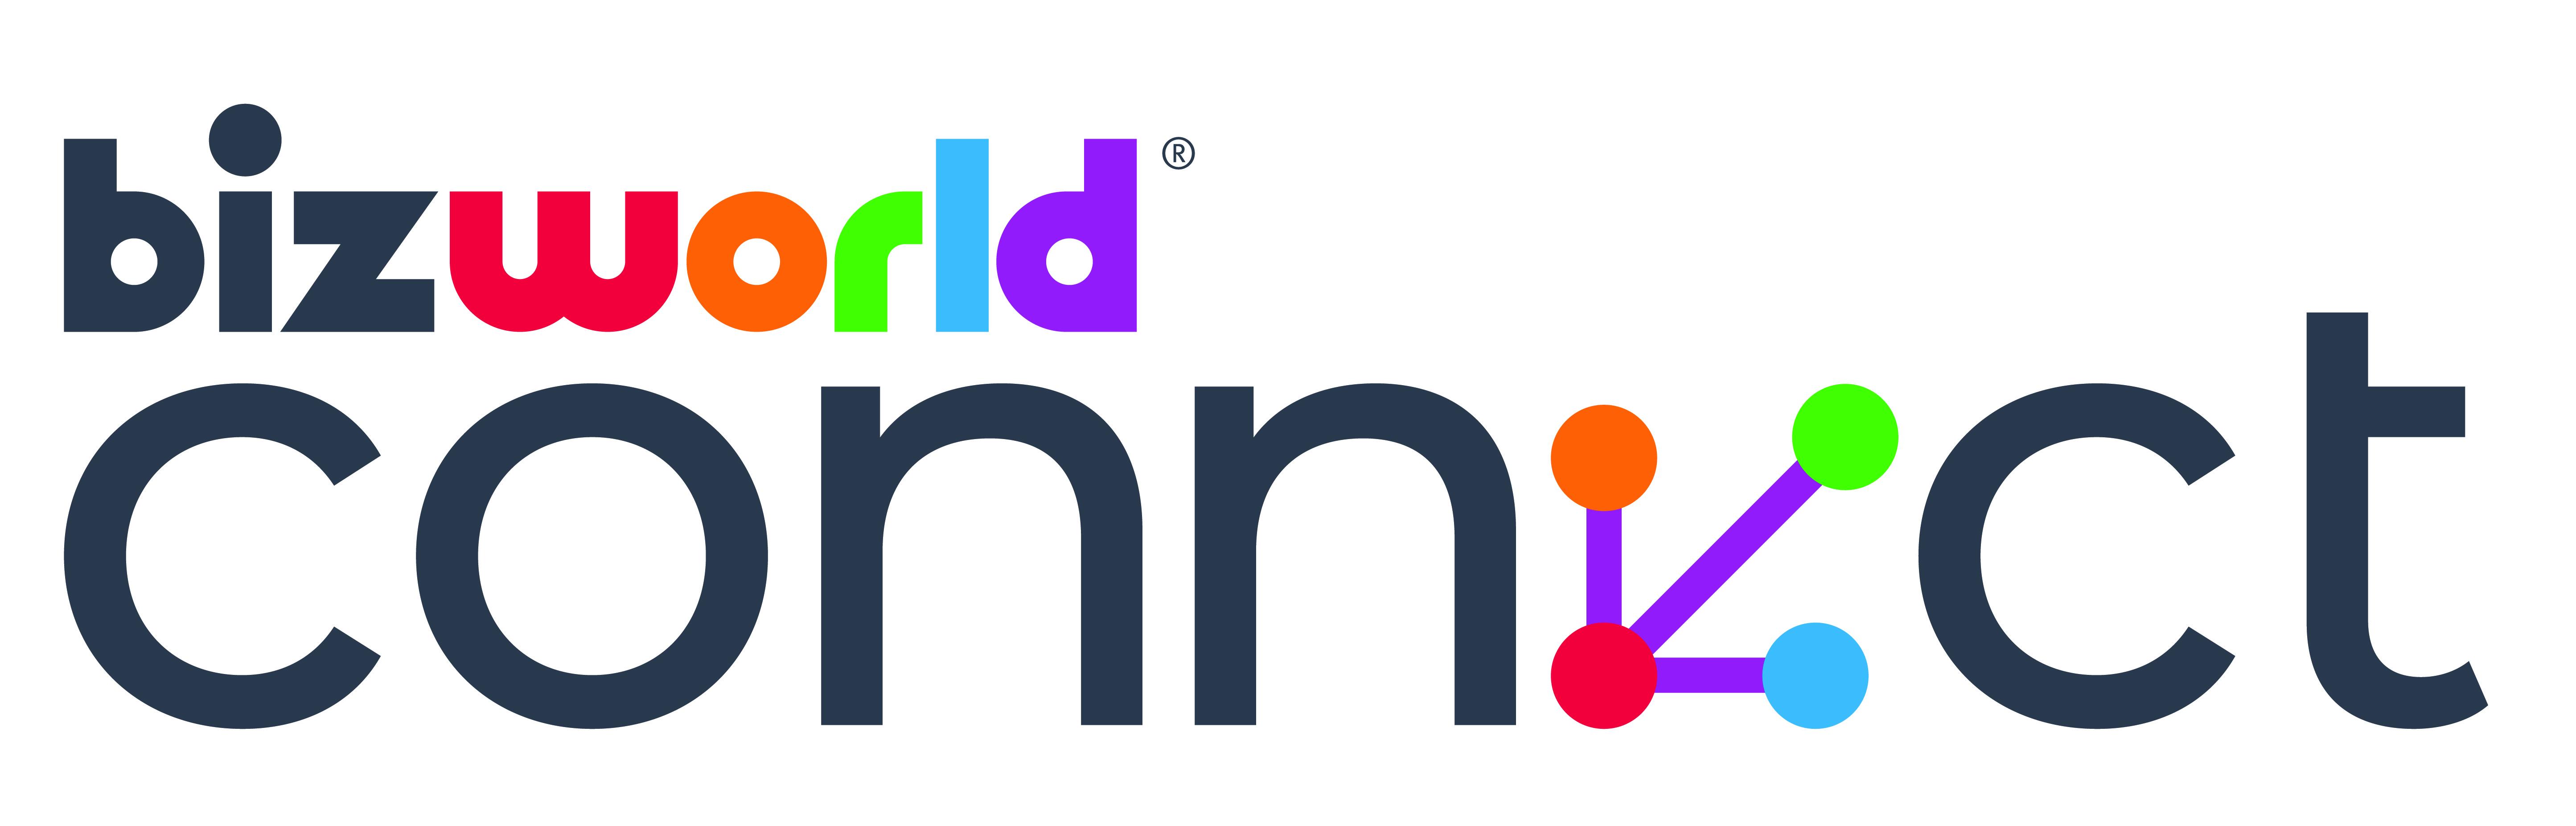 BizWorld Entrepreneurial Enrichment